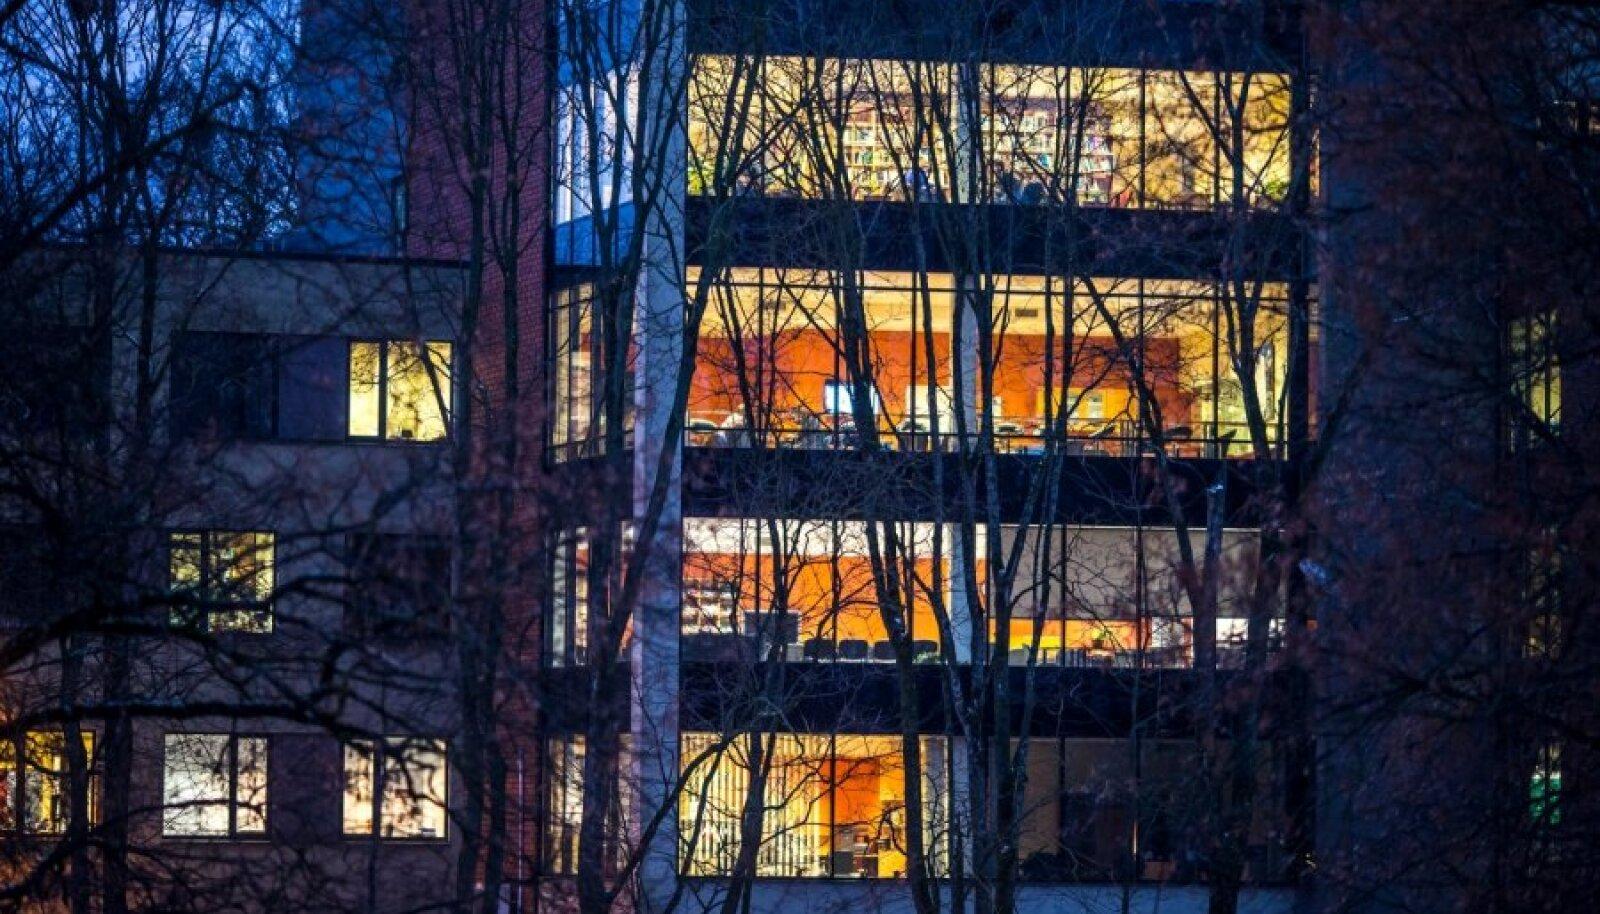 Praegune matemaatika- ja informaatikateaduskonna hoone on IT-tudengitele kitsaks jäänud.